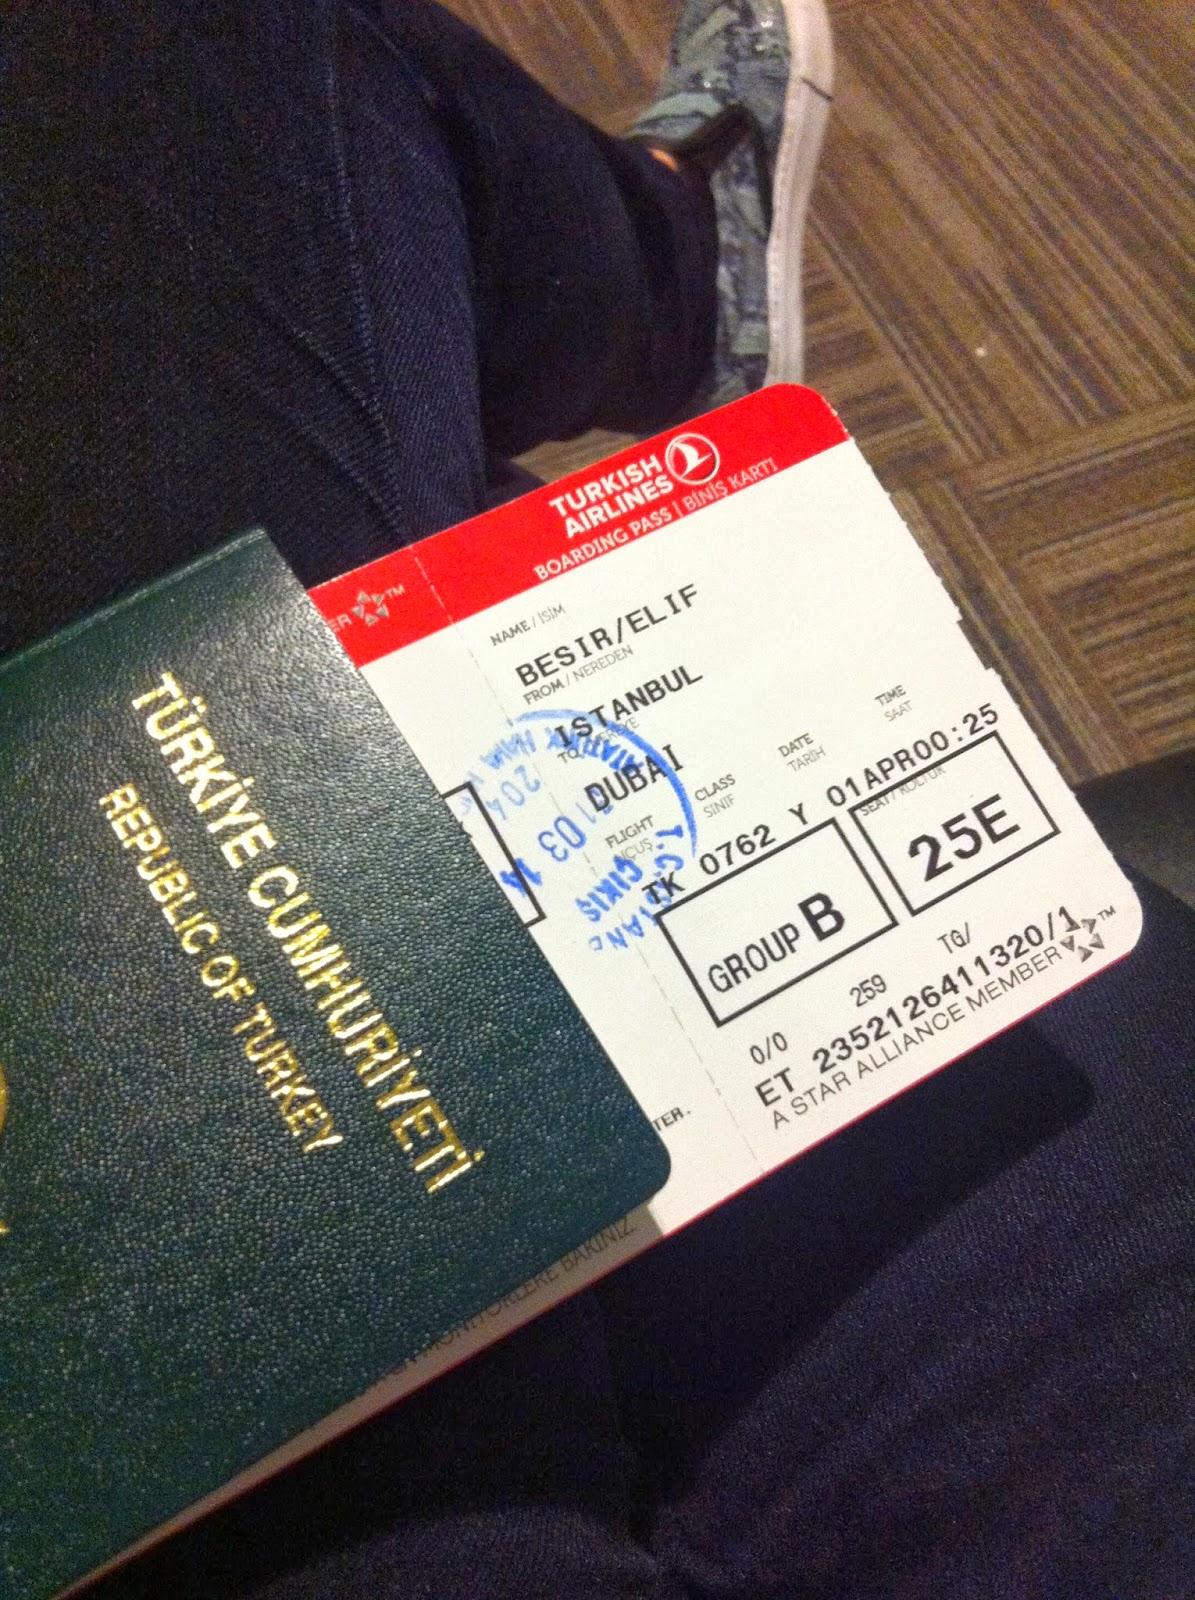 Pasaport skotu: özgürlük ve bağımsızlık tadı